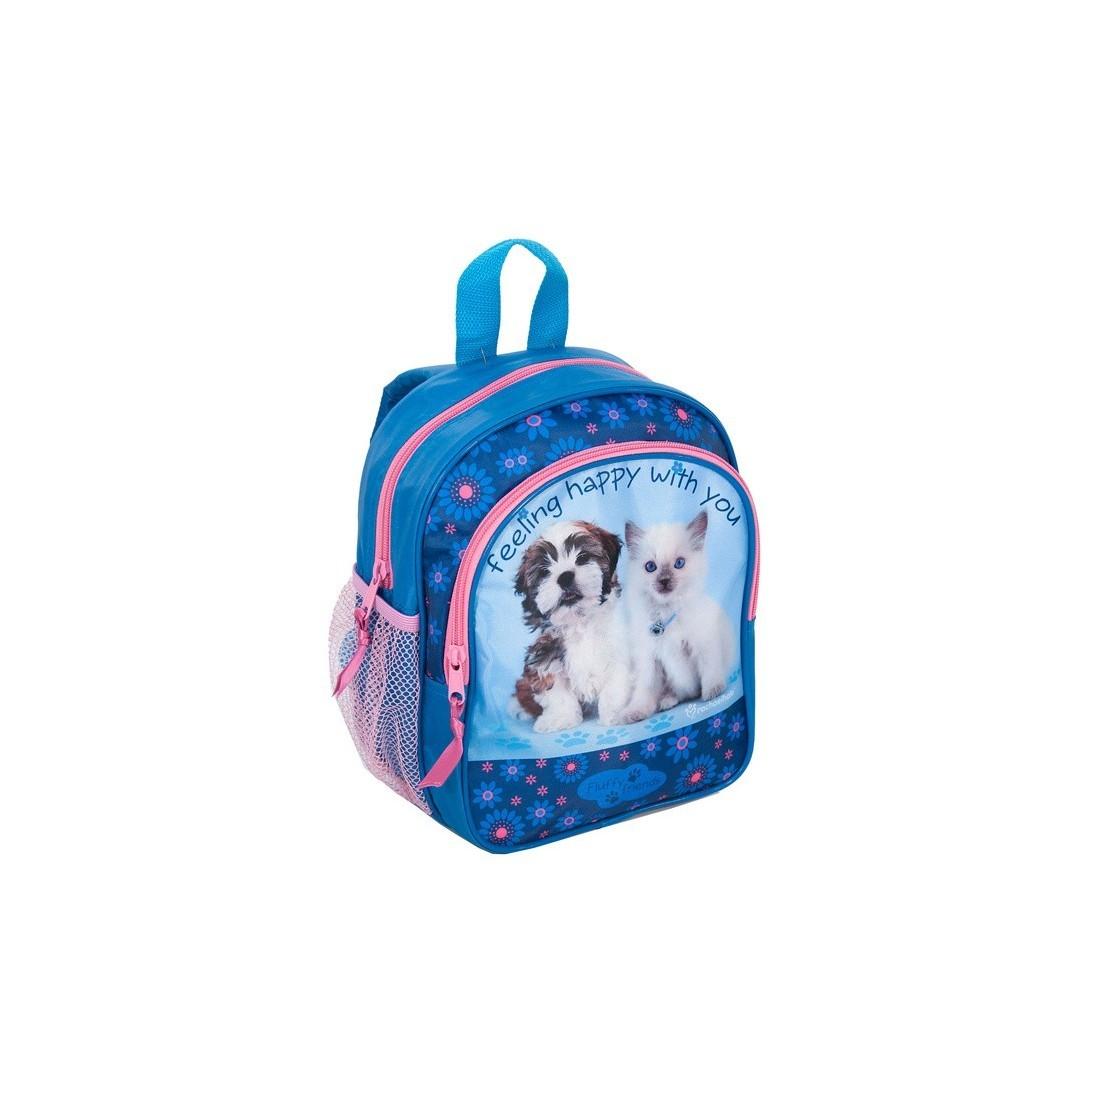 Plecaczek Rachael Hale niebieski z pieskiem i kotkiem - plecak-tornister.pl